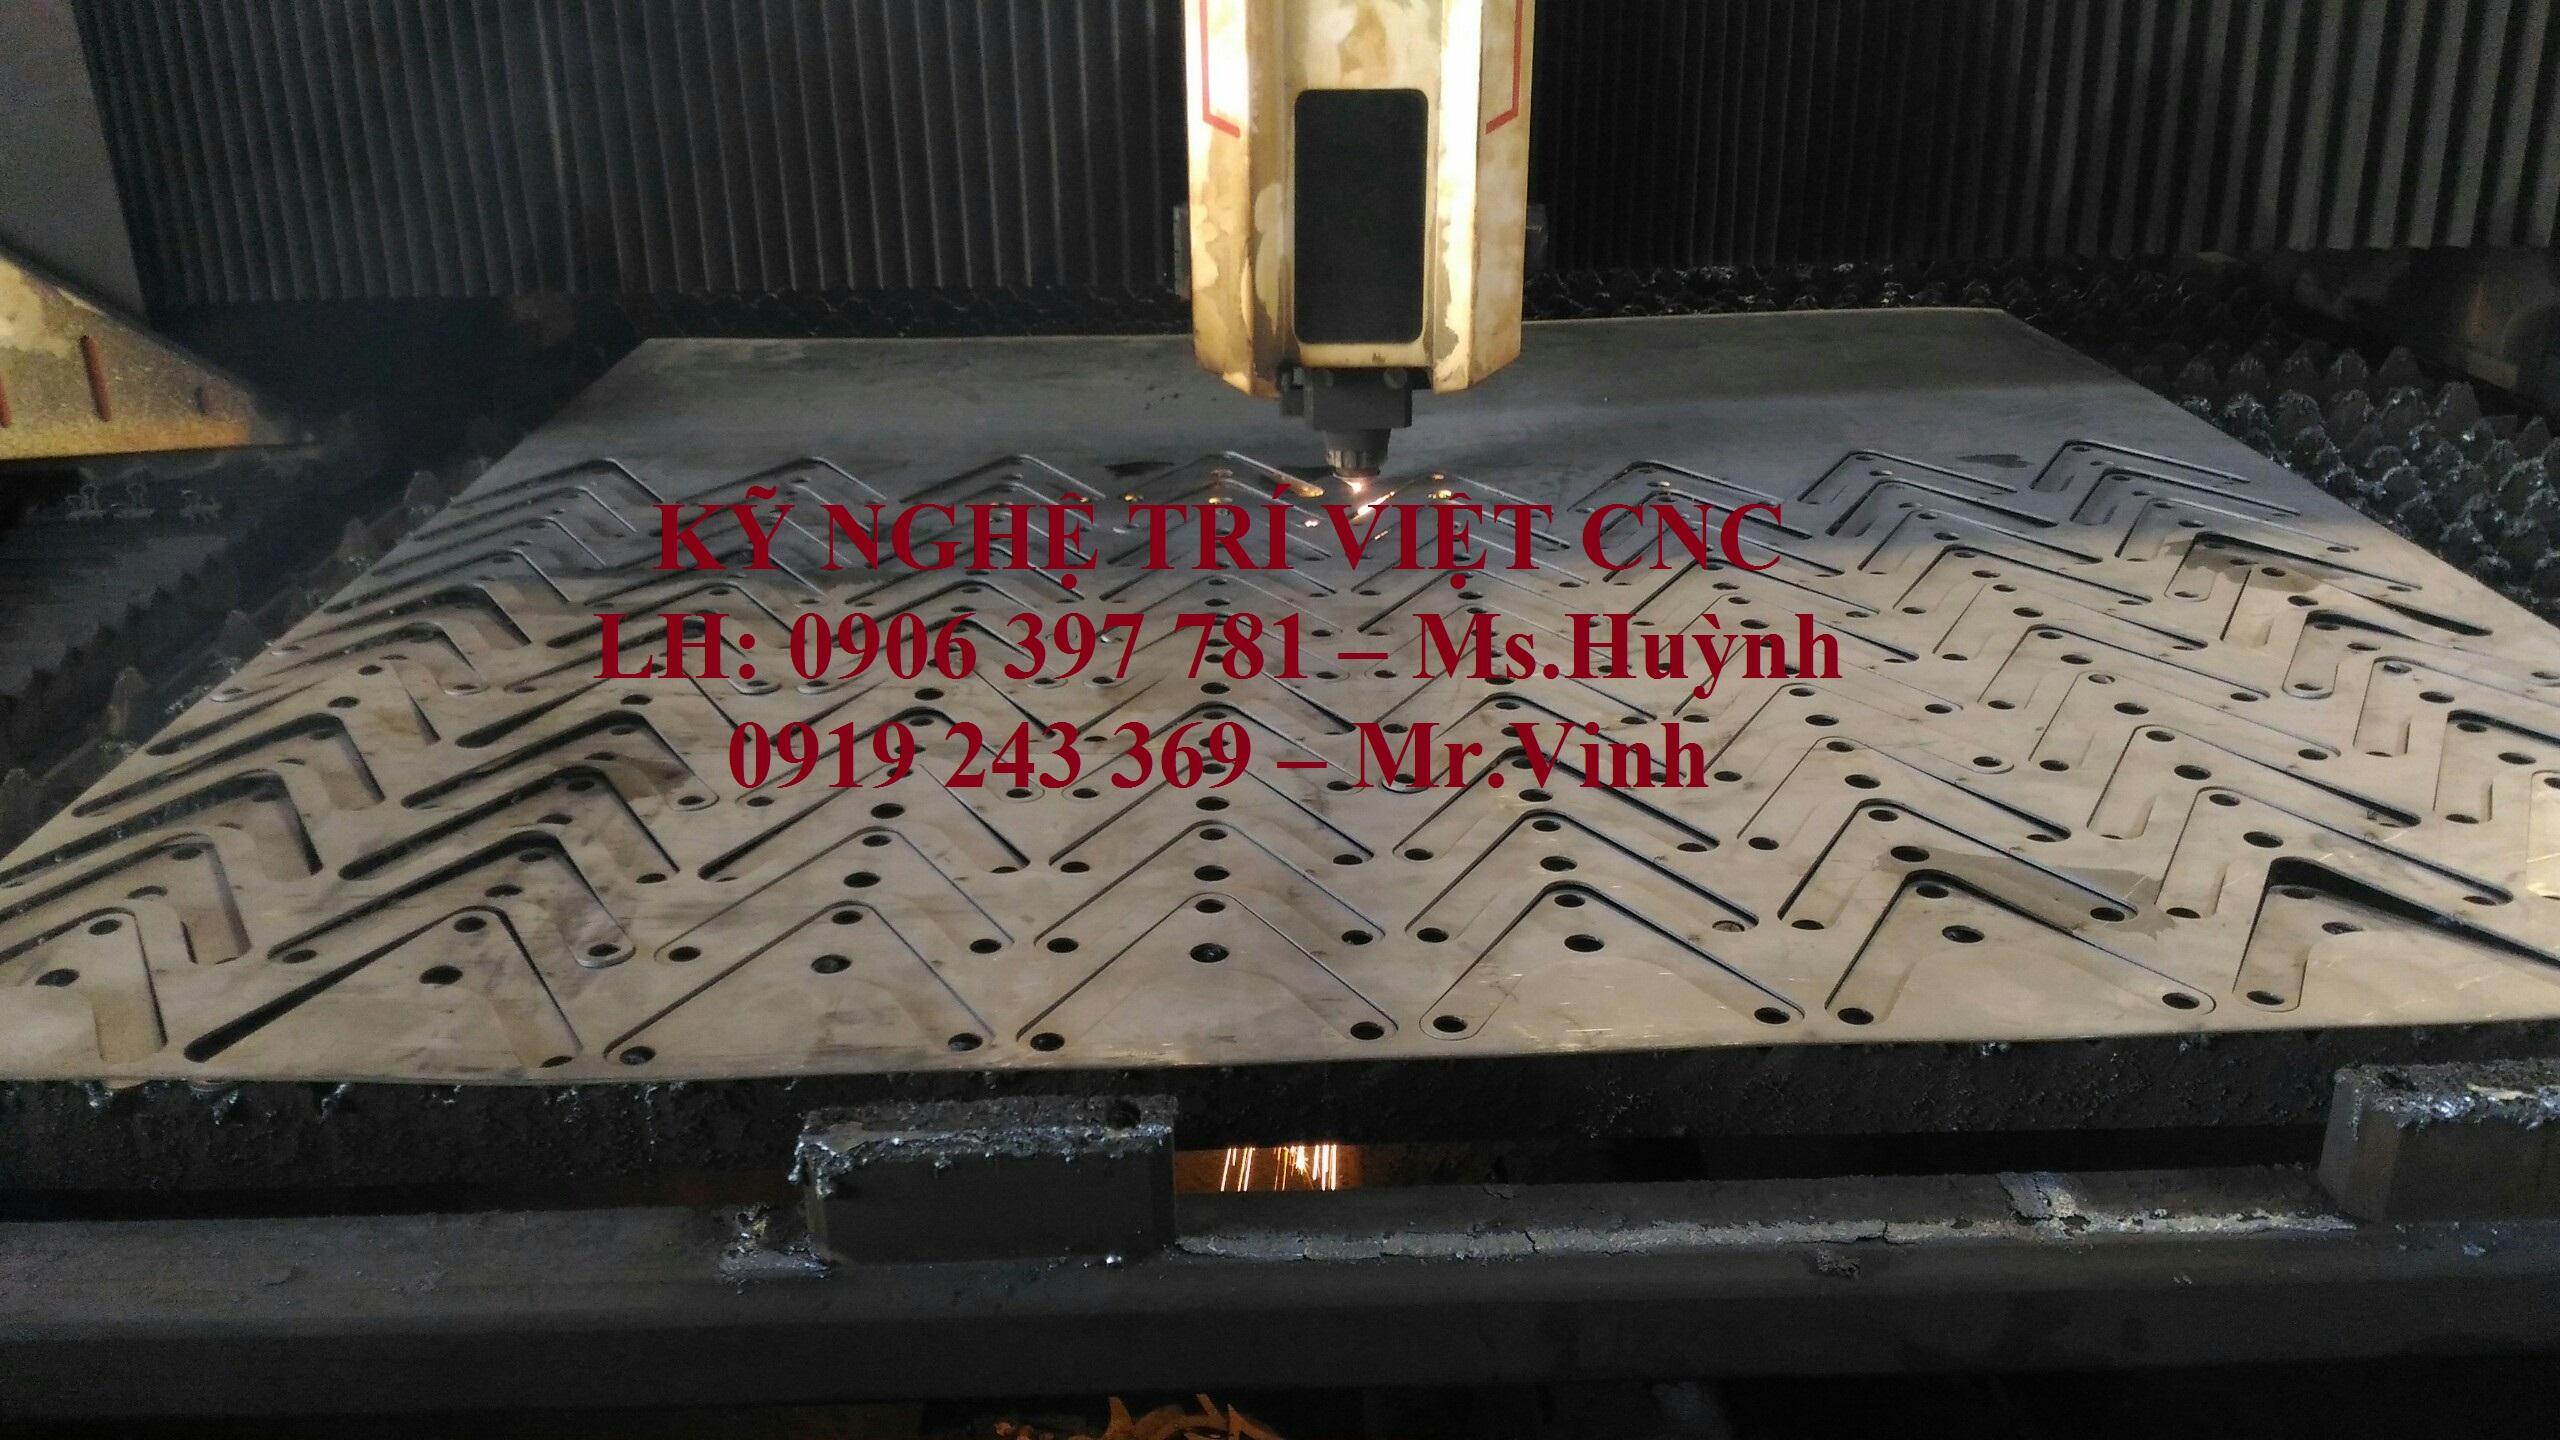 Gia công CNC Laser sắt, inox: chi tiết máy, hoa văn trang trí, chữ quảng cáo,…